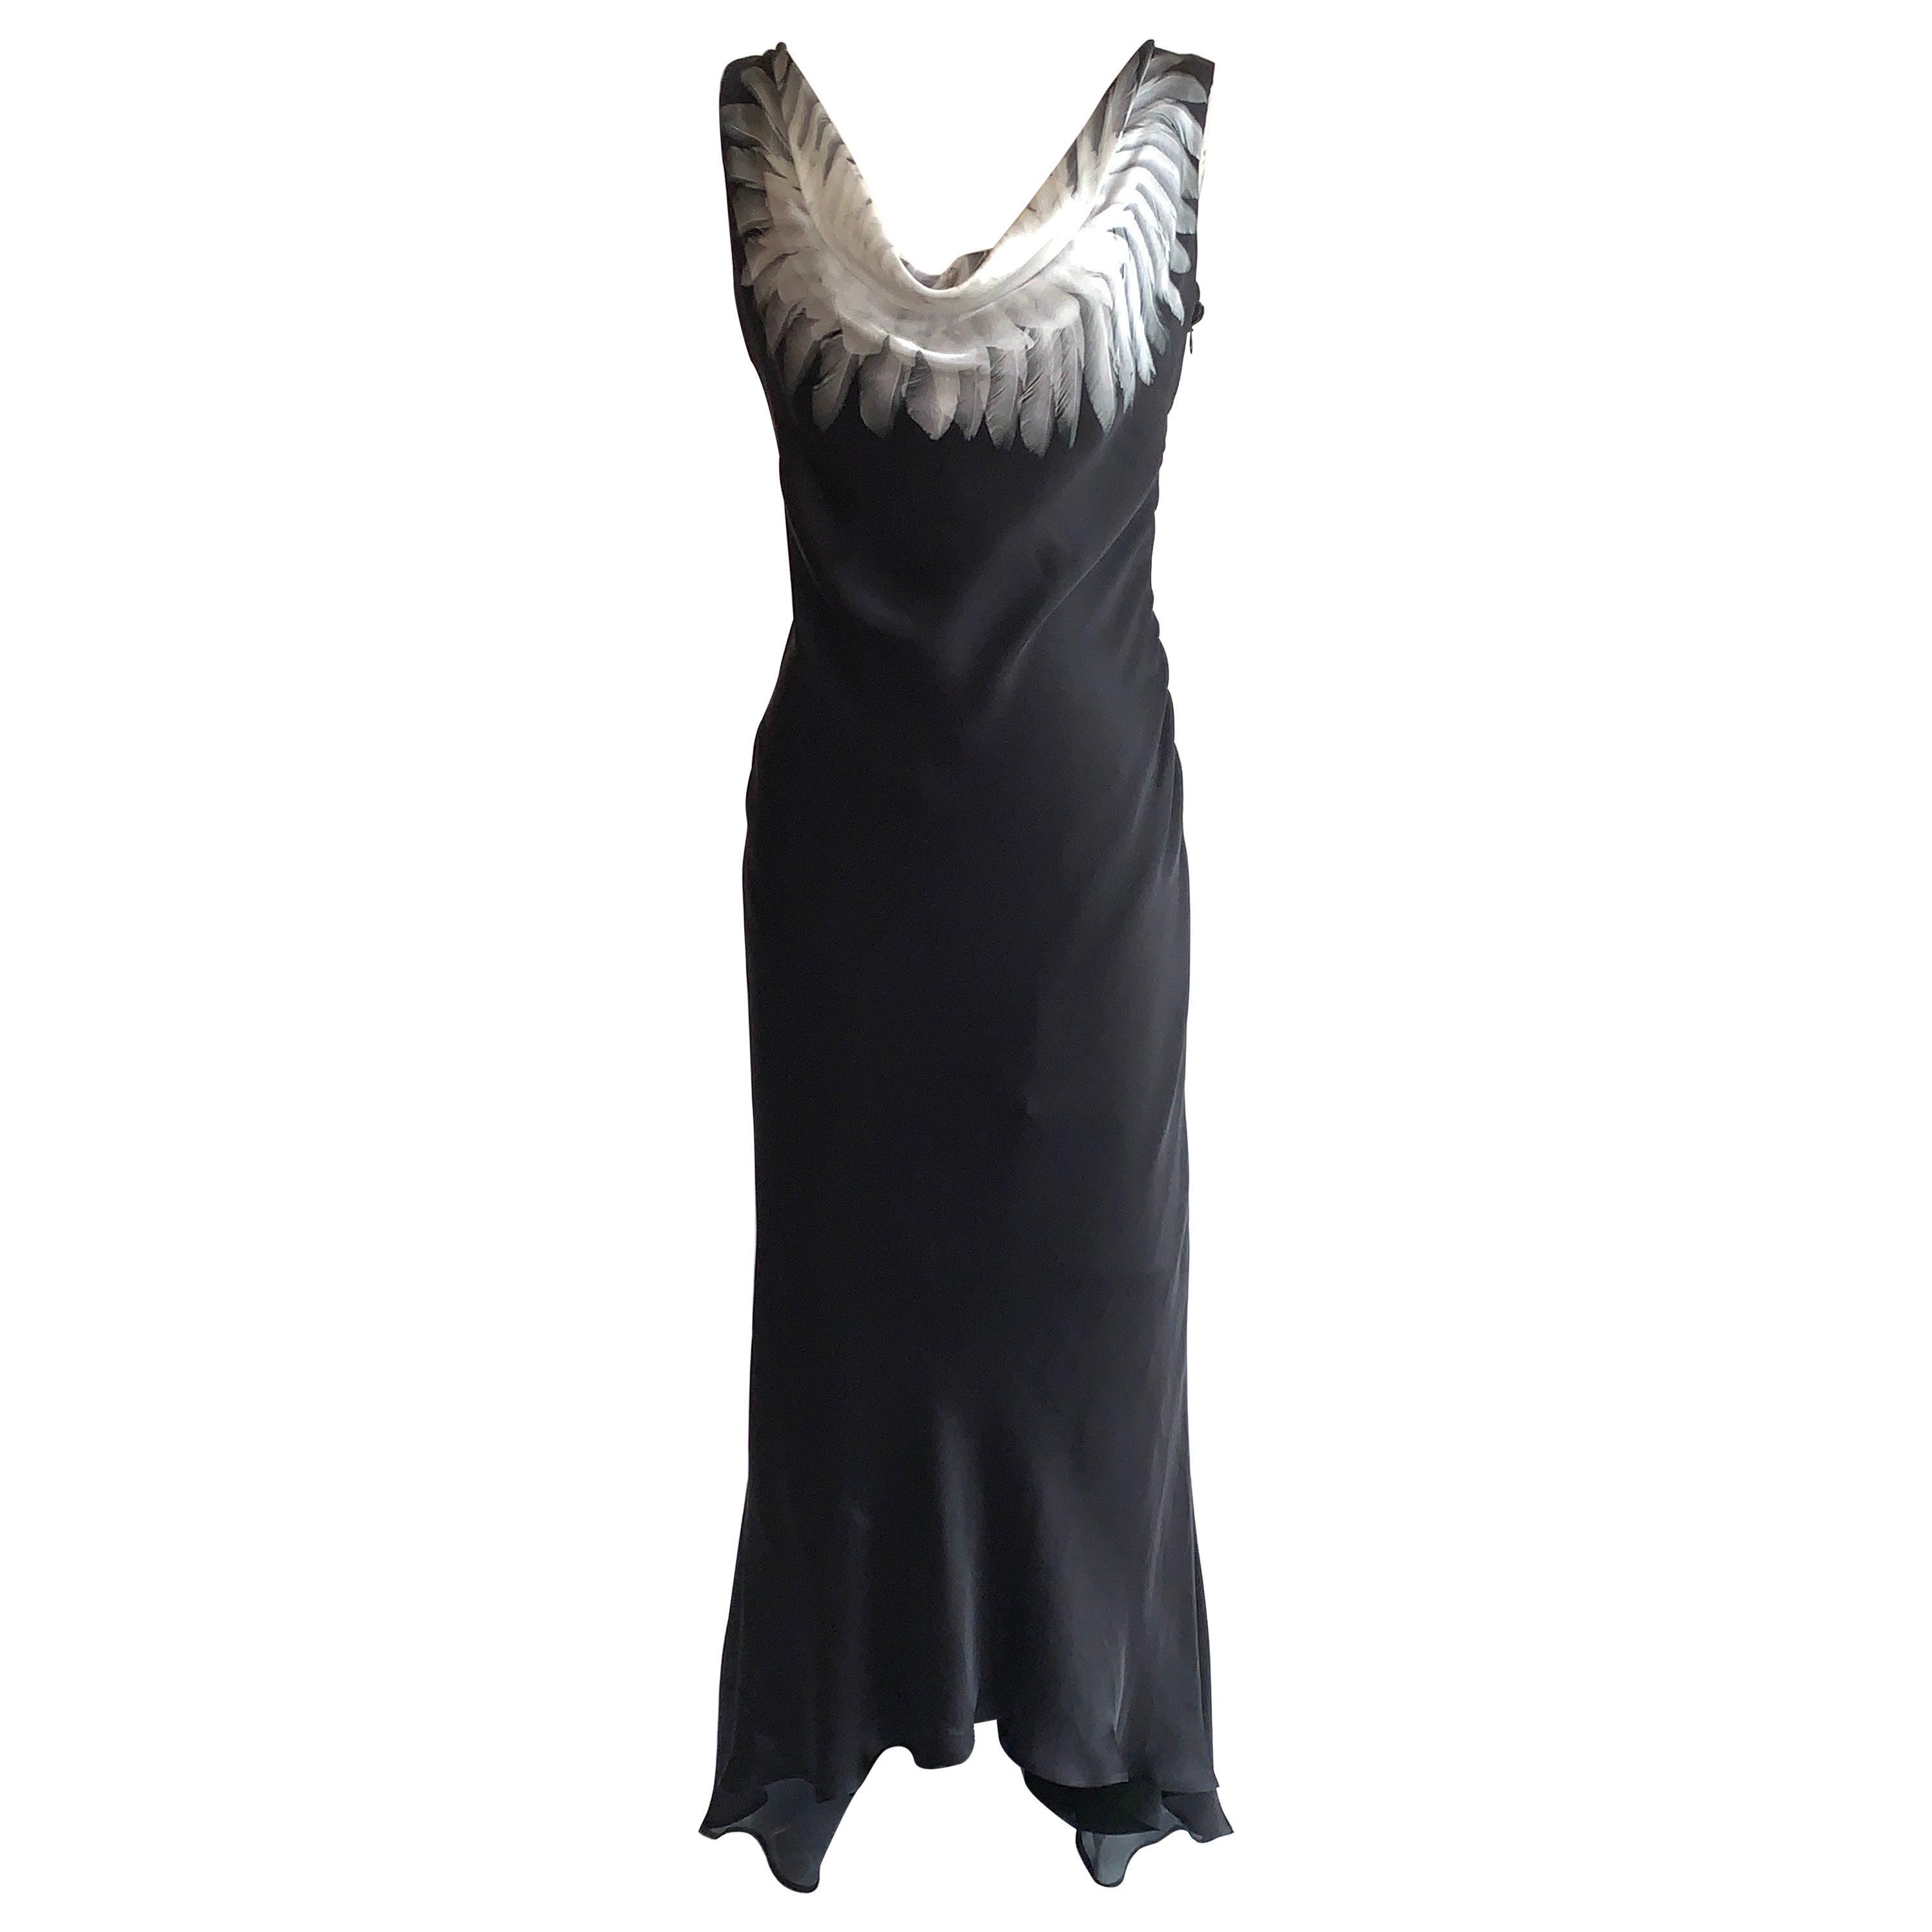 Alexander McQueen 2007 Black Silk Feather Print Cowl Neck Dress